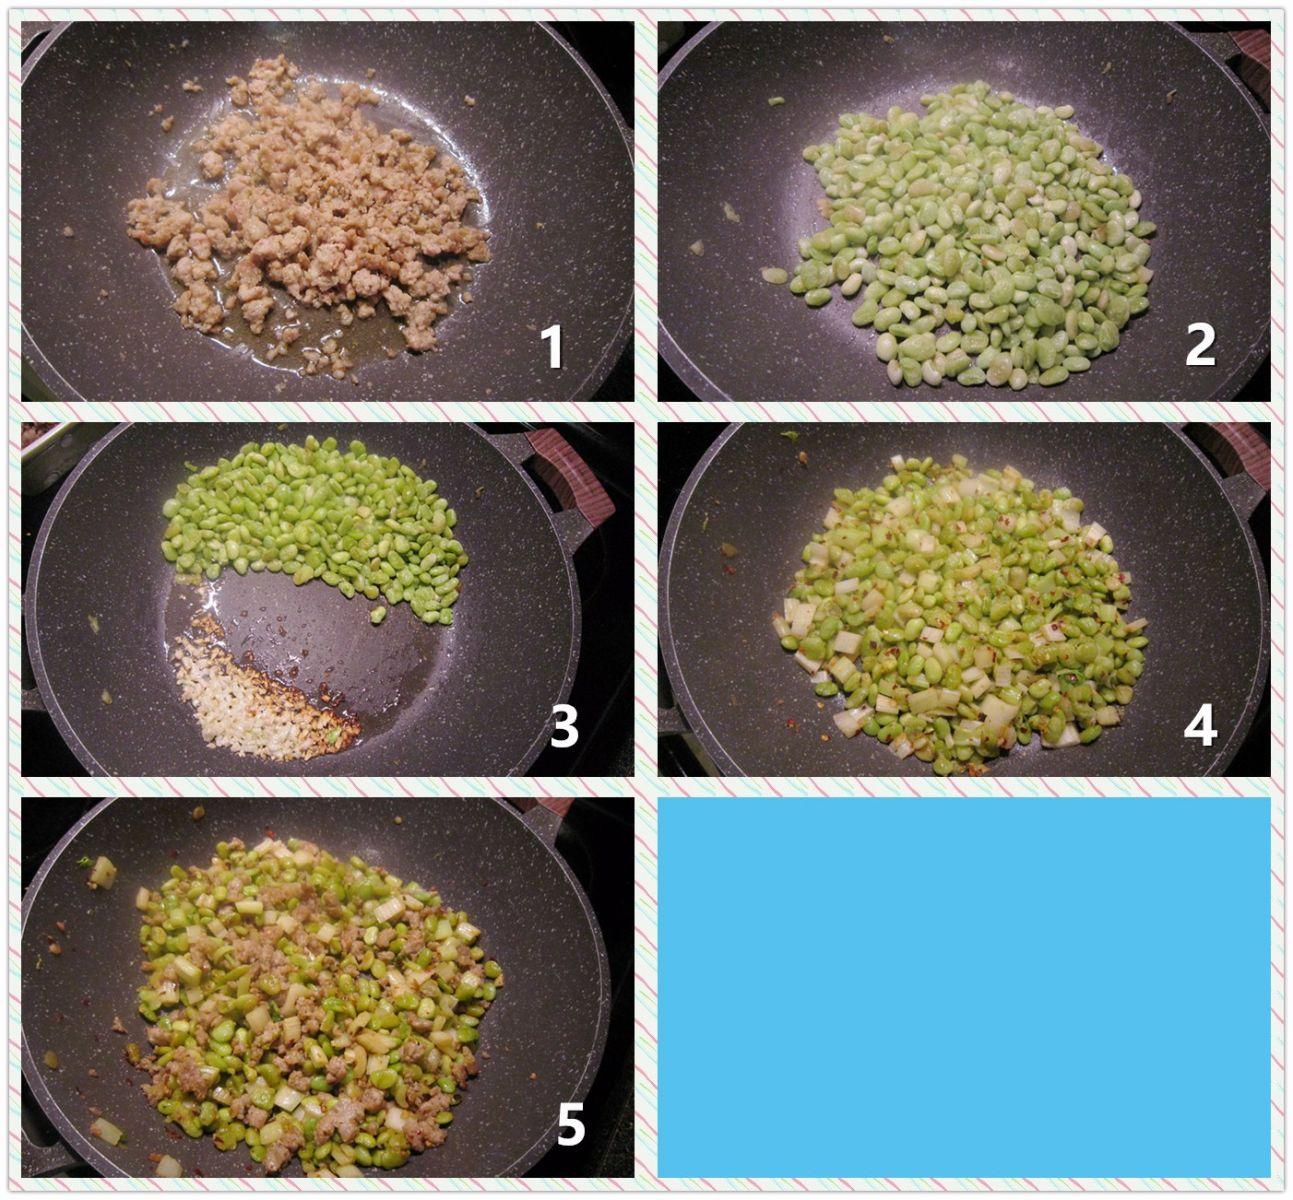 肉末芹菜利马豆_图1-2